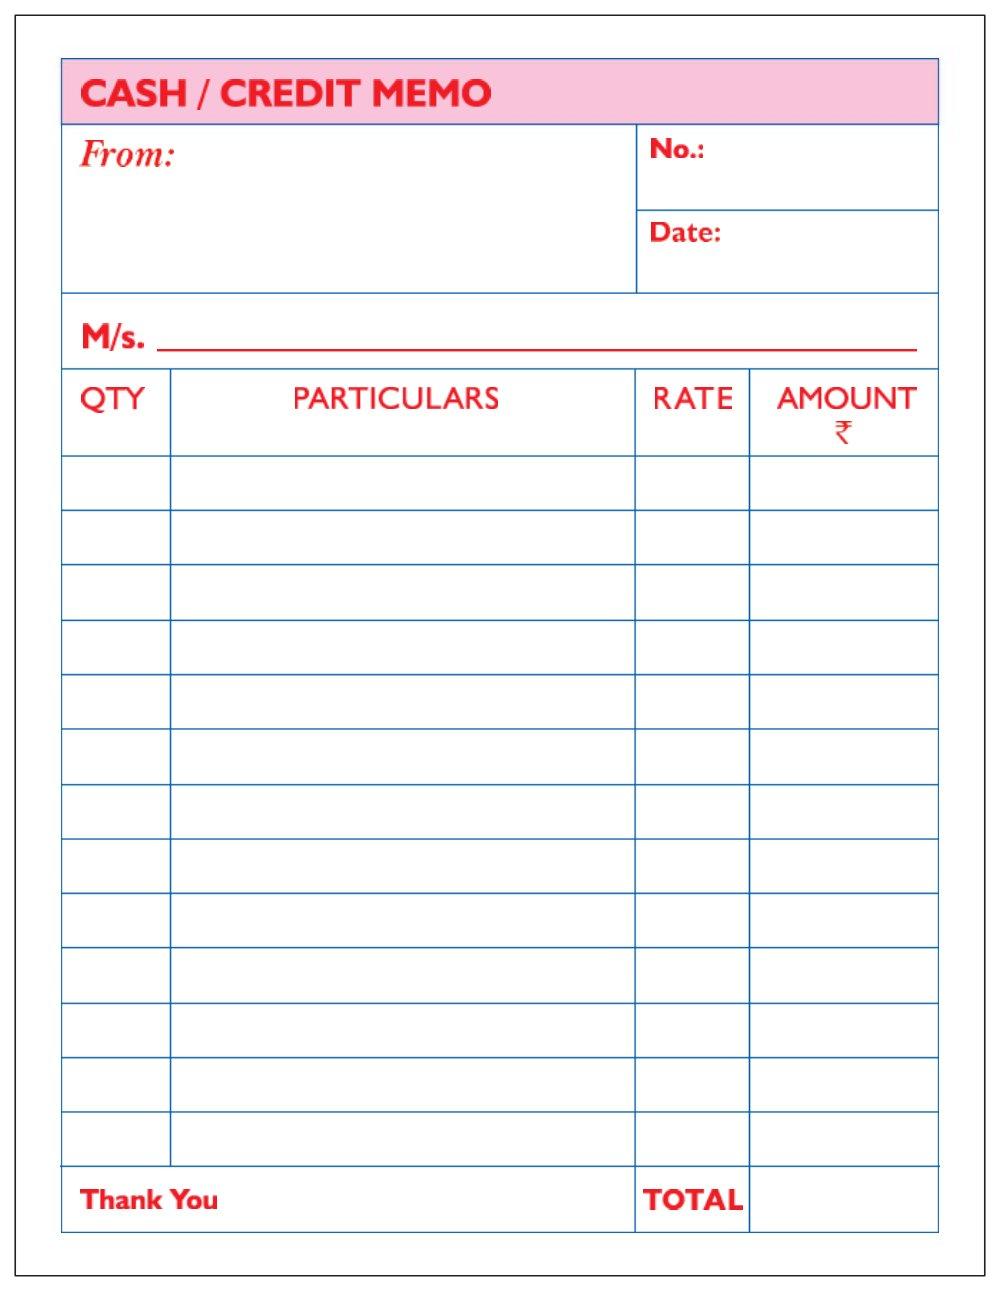 c85ec276308b8215472ea61bfa0095fb - Vistaprint Jamaica Online Application Form